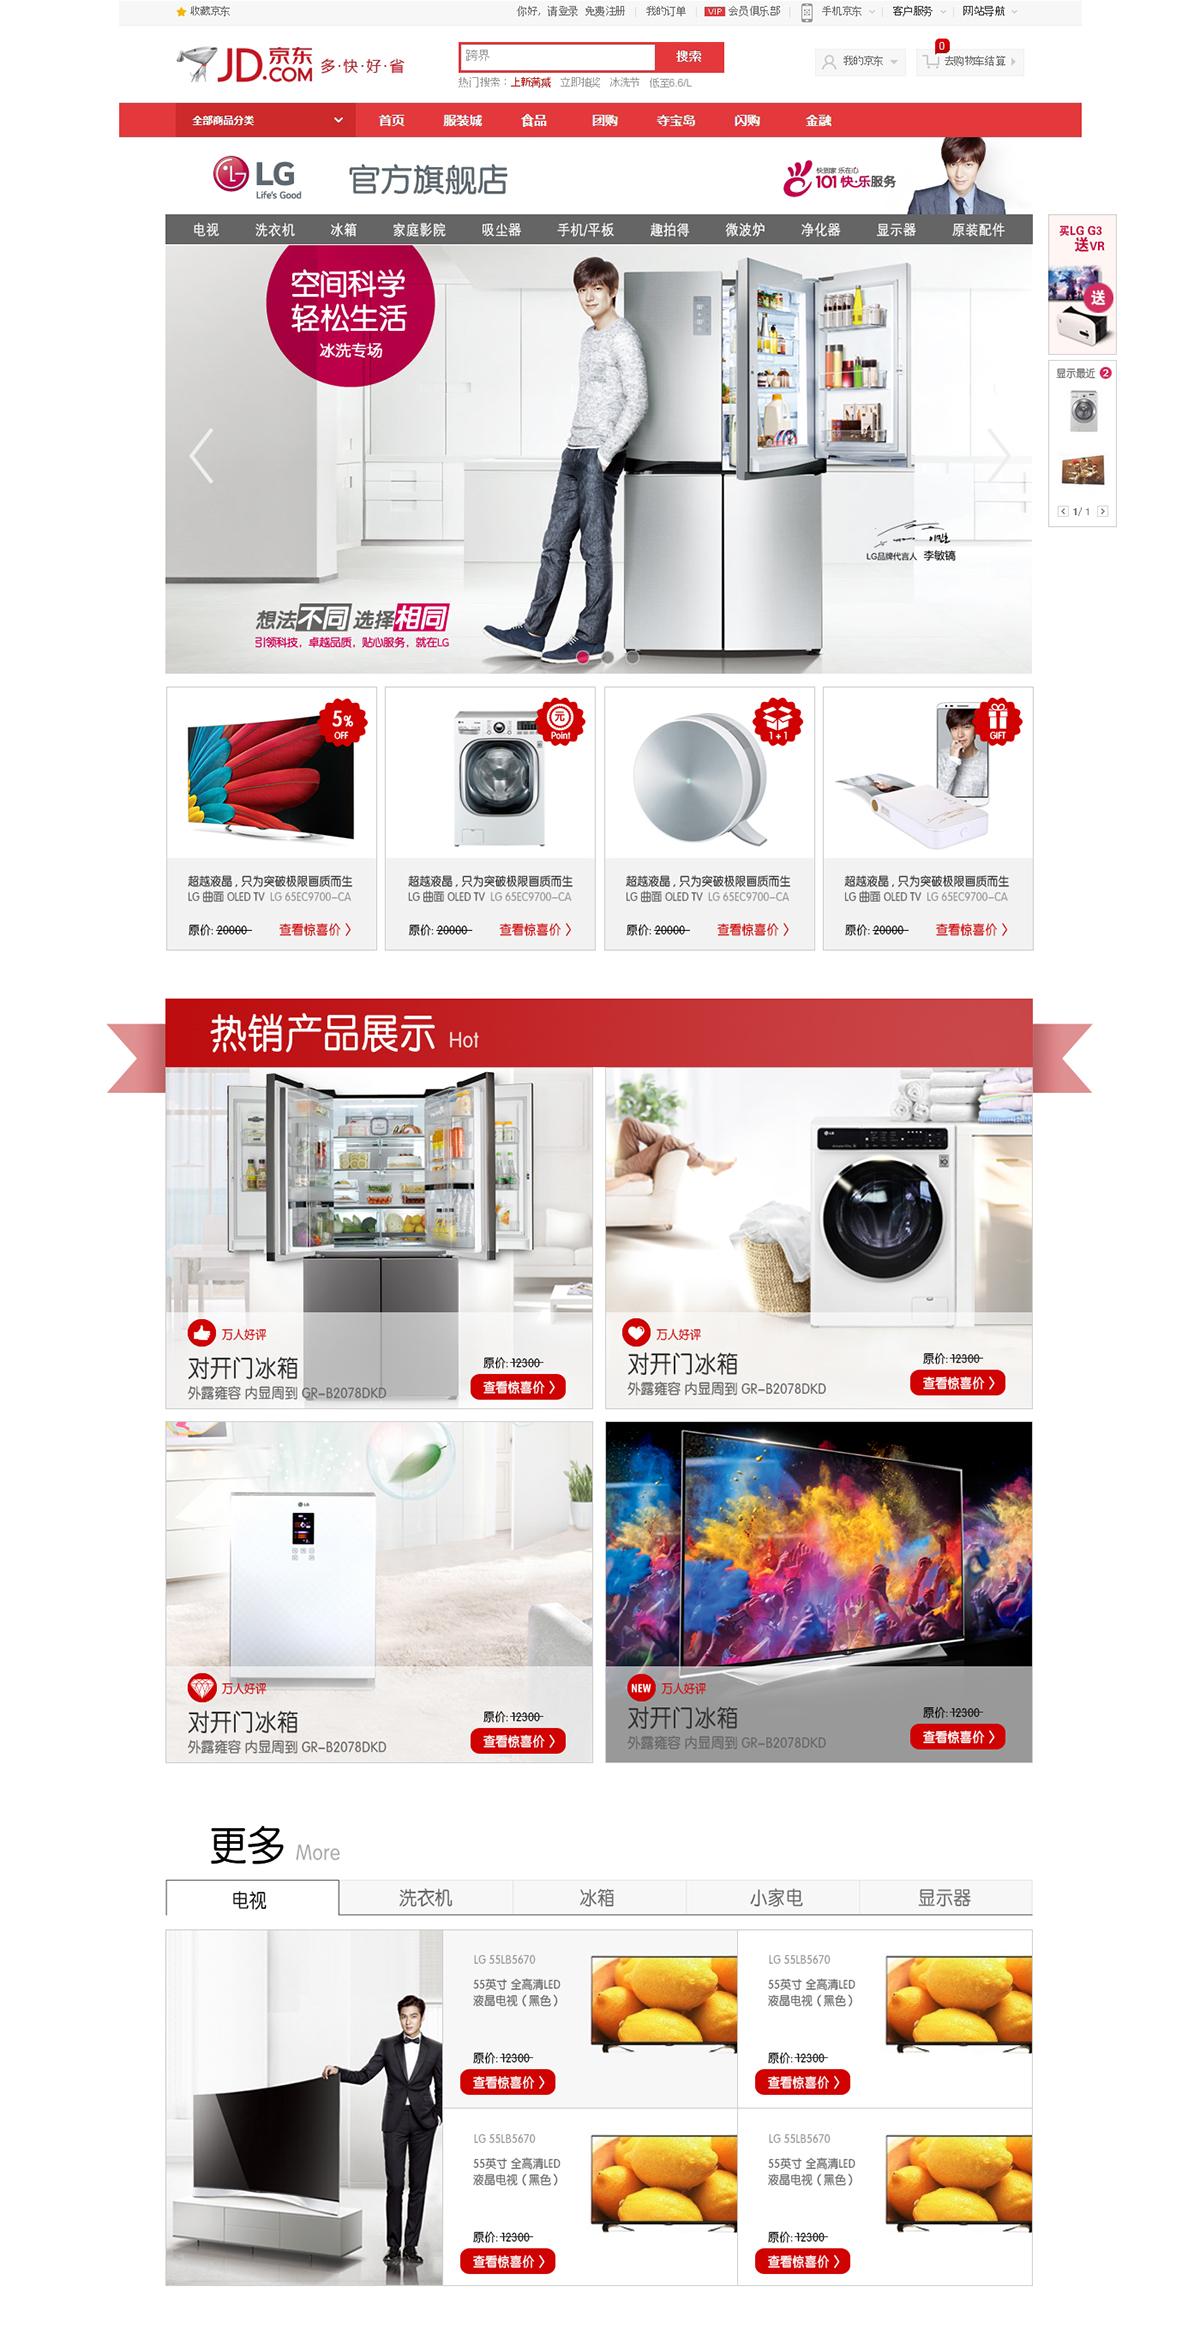 lg china JingDong Ecommerce eshop